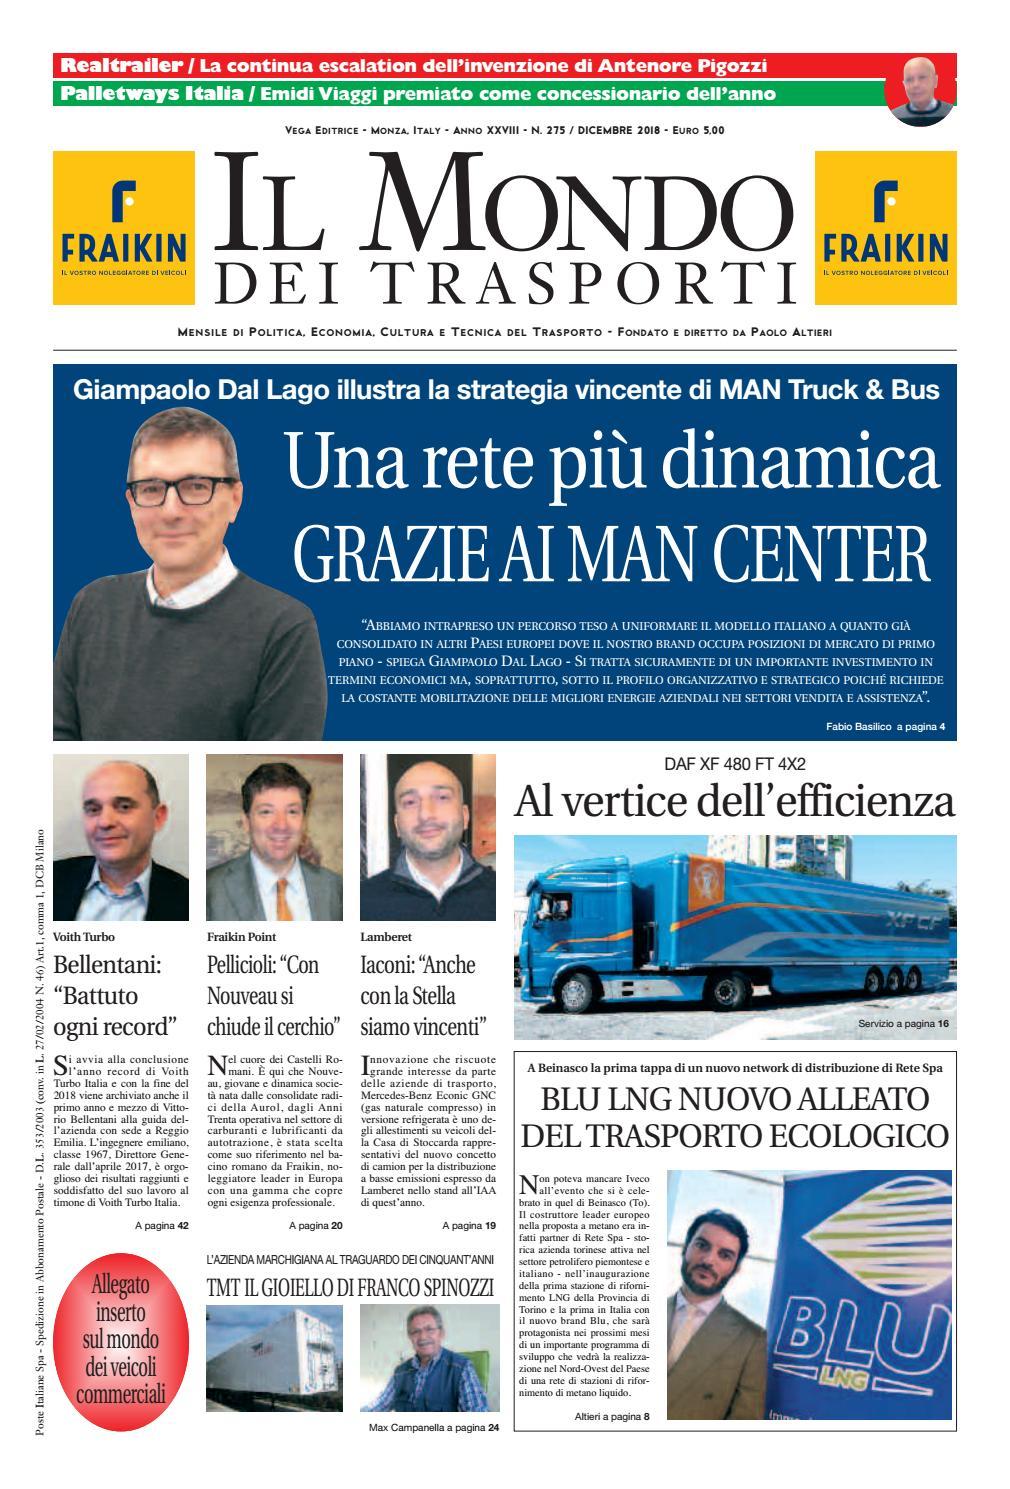 Il Mondo dei Trasporti - Dicembre 2018 by Vega Editrice - issuu 54e95f451f9